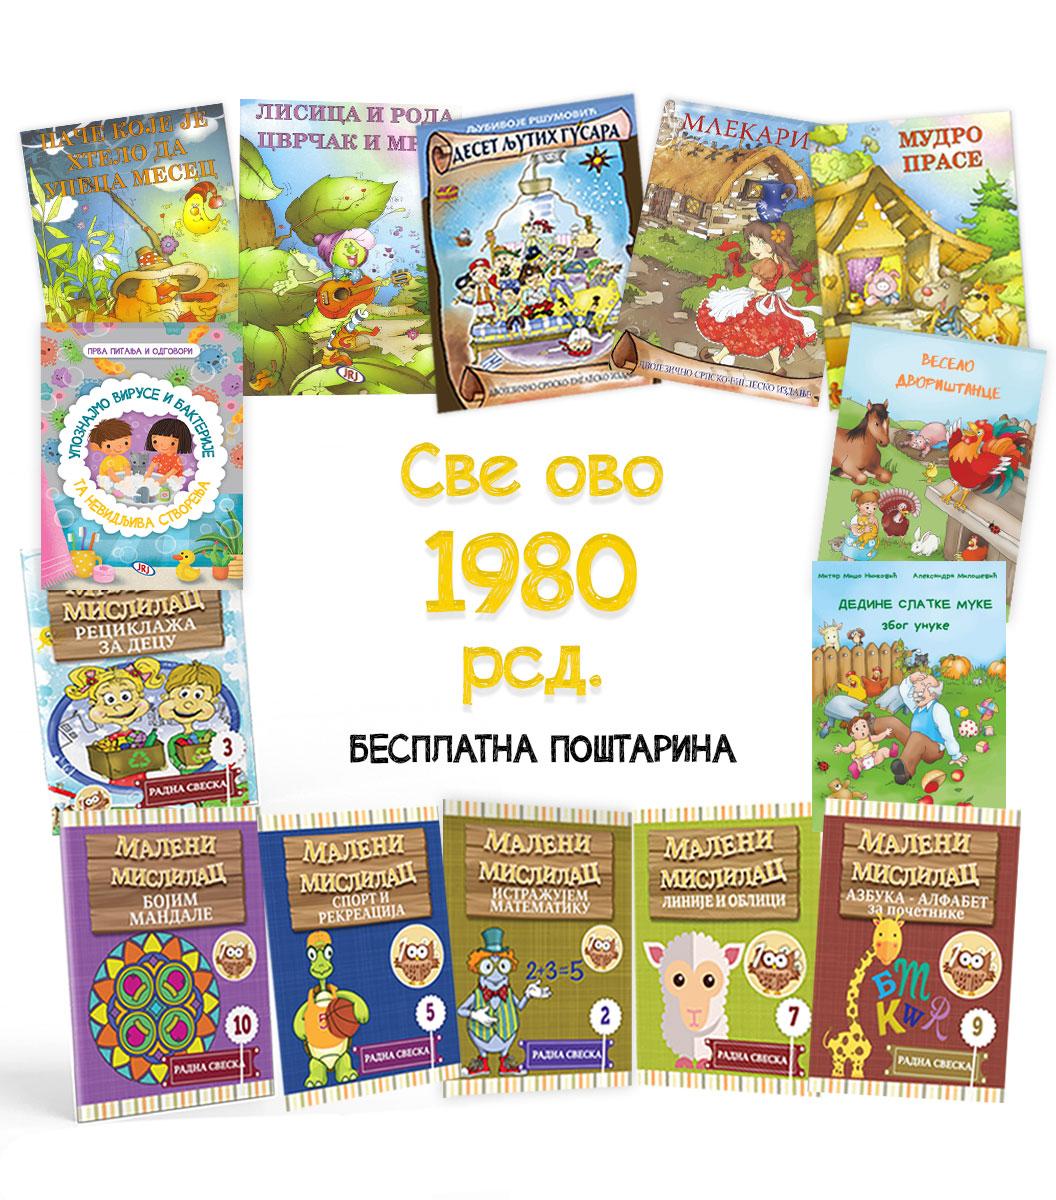 Paket decjjih knjiga i decjih slikovnicama